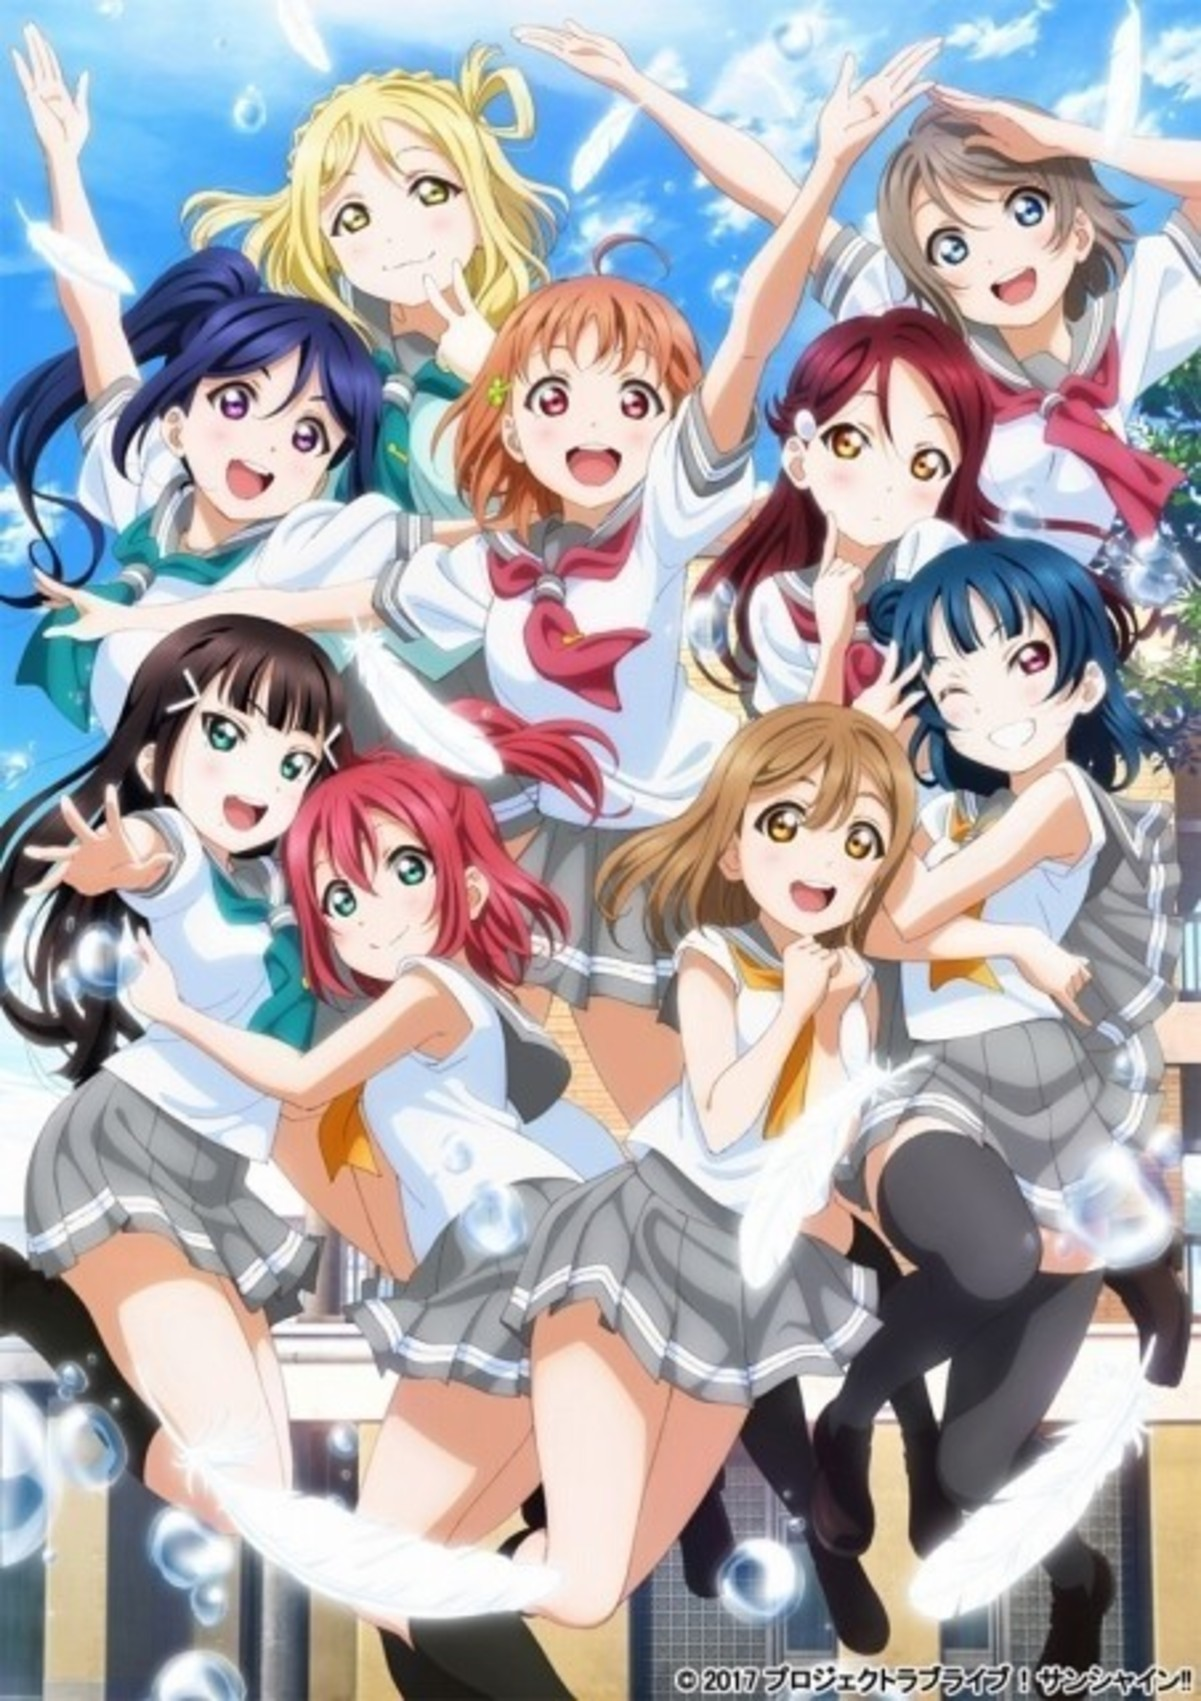 ラブライブ サンシャイン Tvアニメ第2期10月放送開始 Pv第1弾も